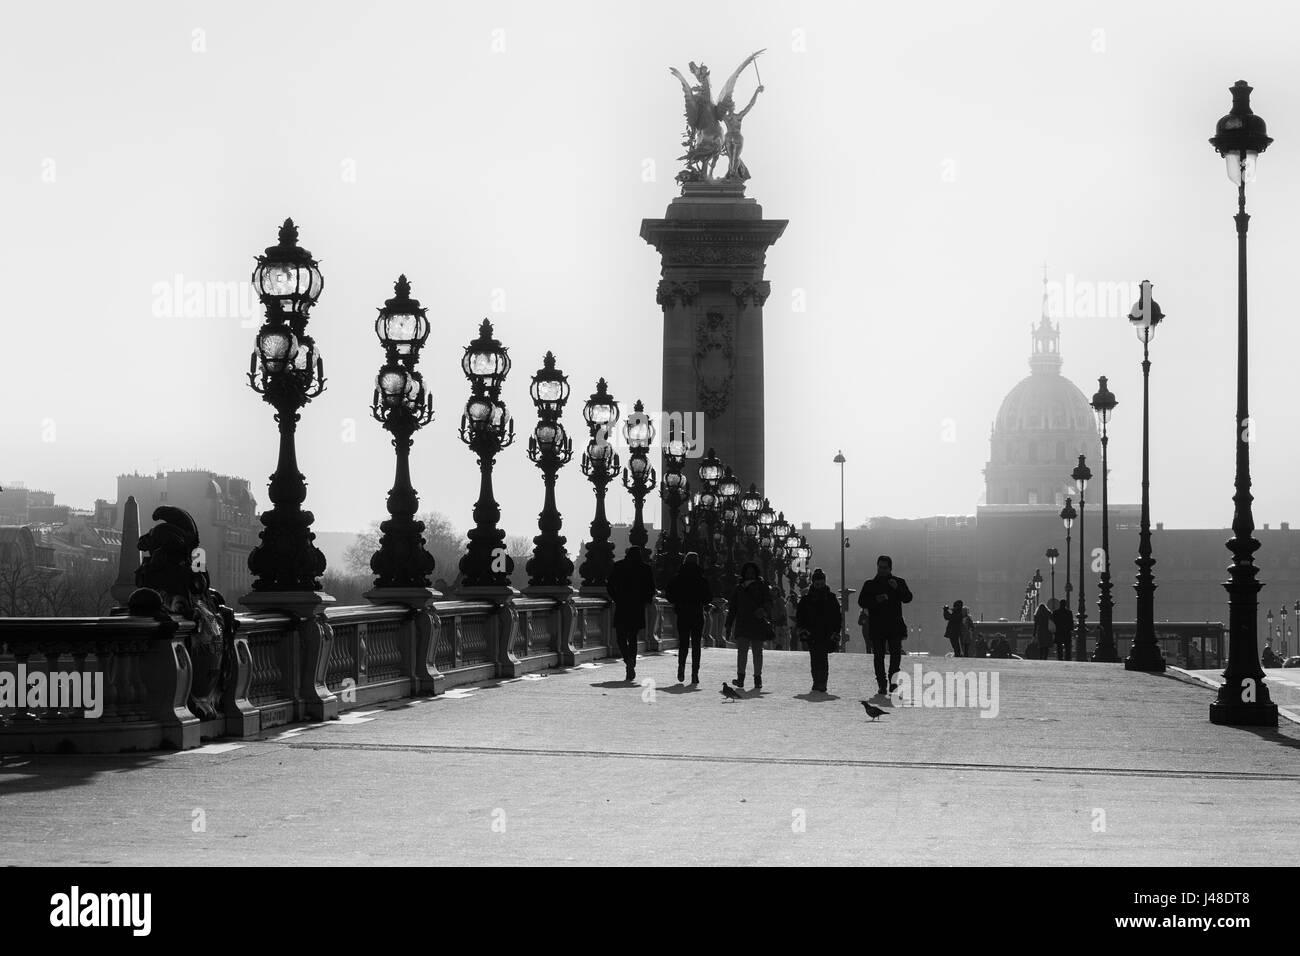 Les gens marche sur l'historique pont Alexandre III Pont Alexandre III ( ) à Paris. Image en noir et blanc. Photo Stock